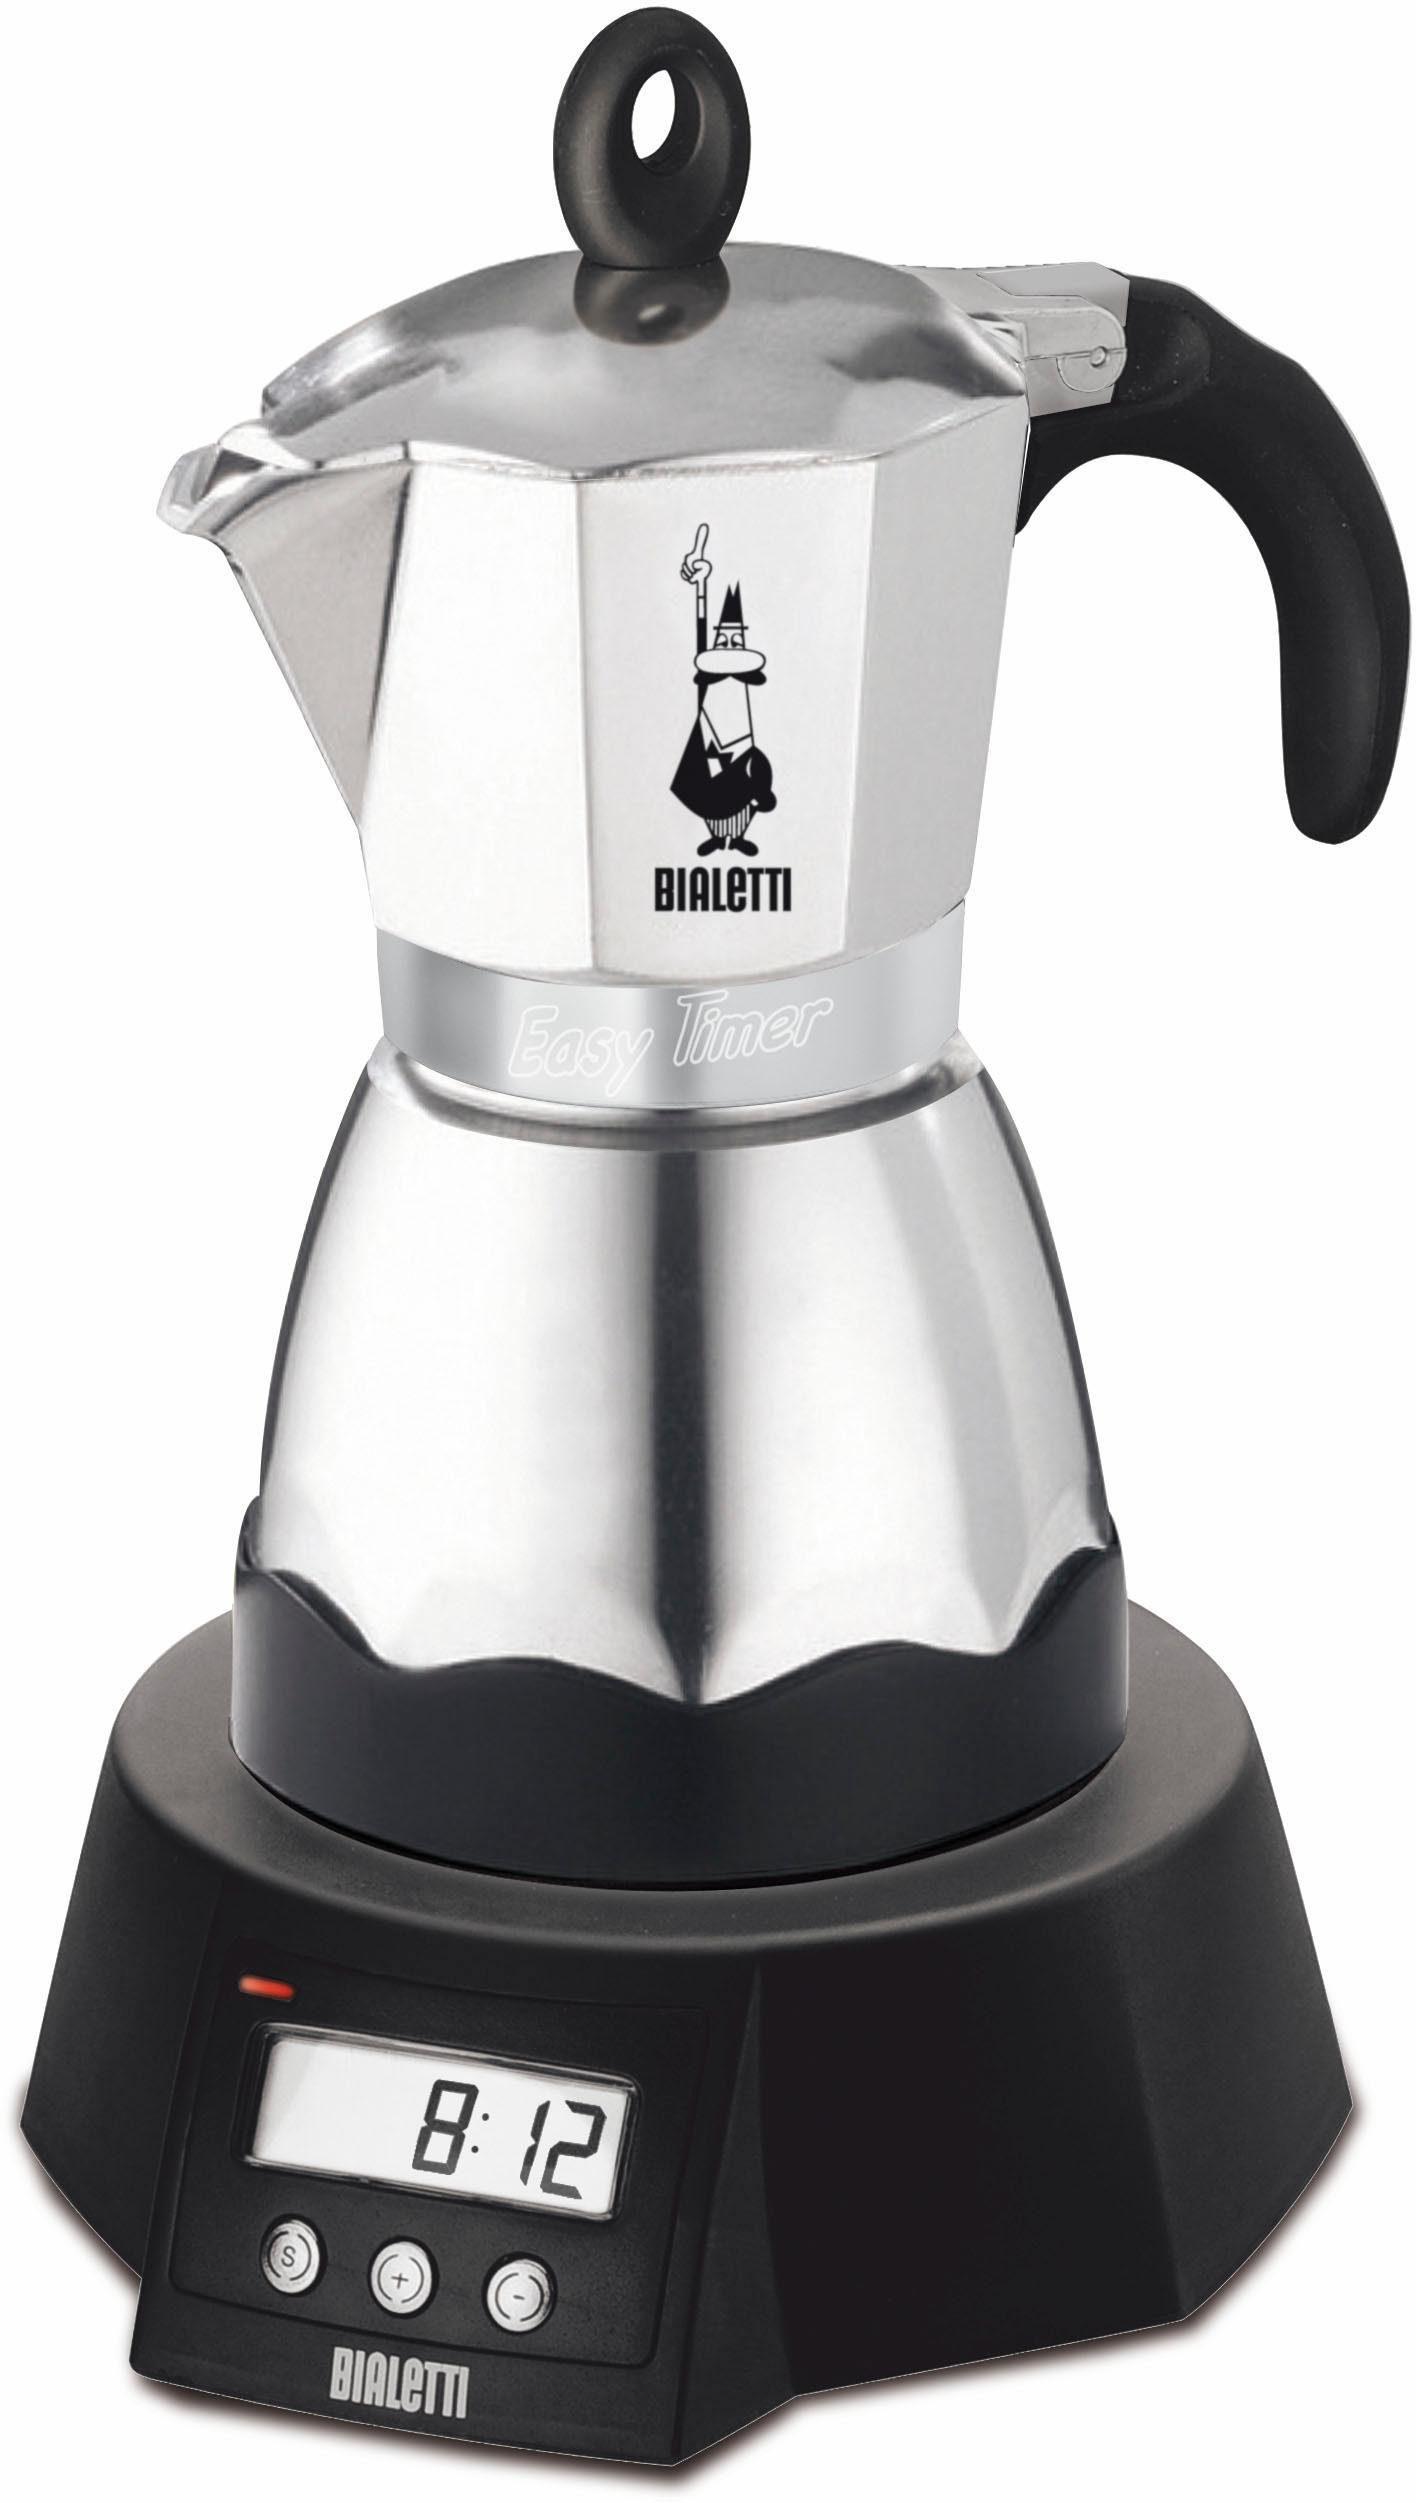 Bialetti Espressokocher Easy Timer, für 3 Tassen